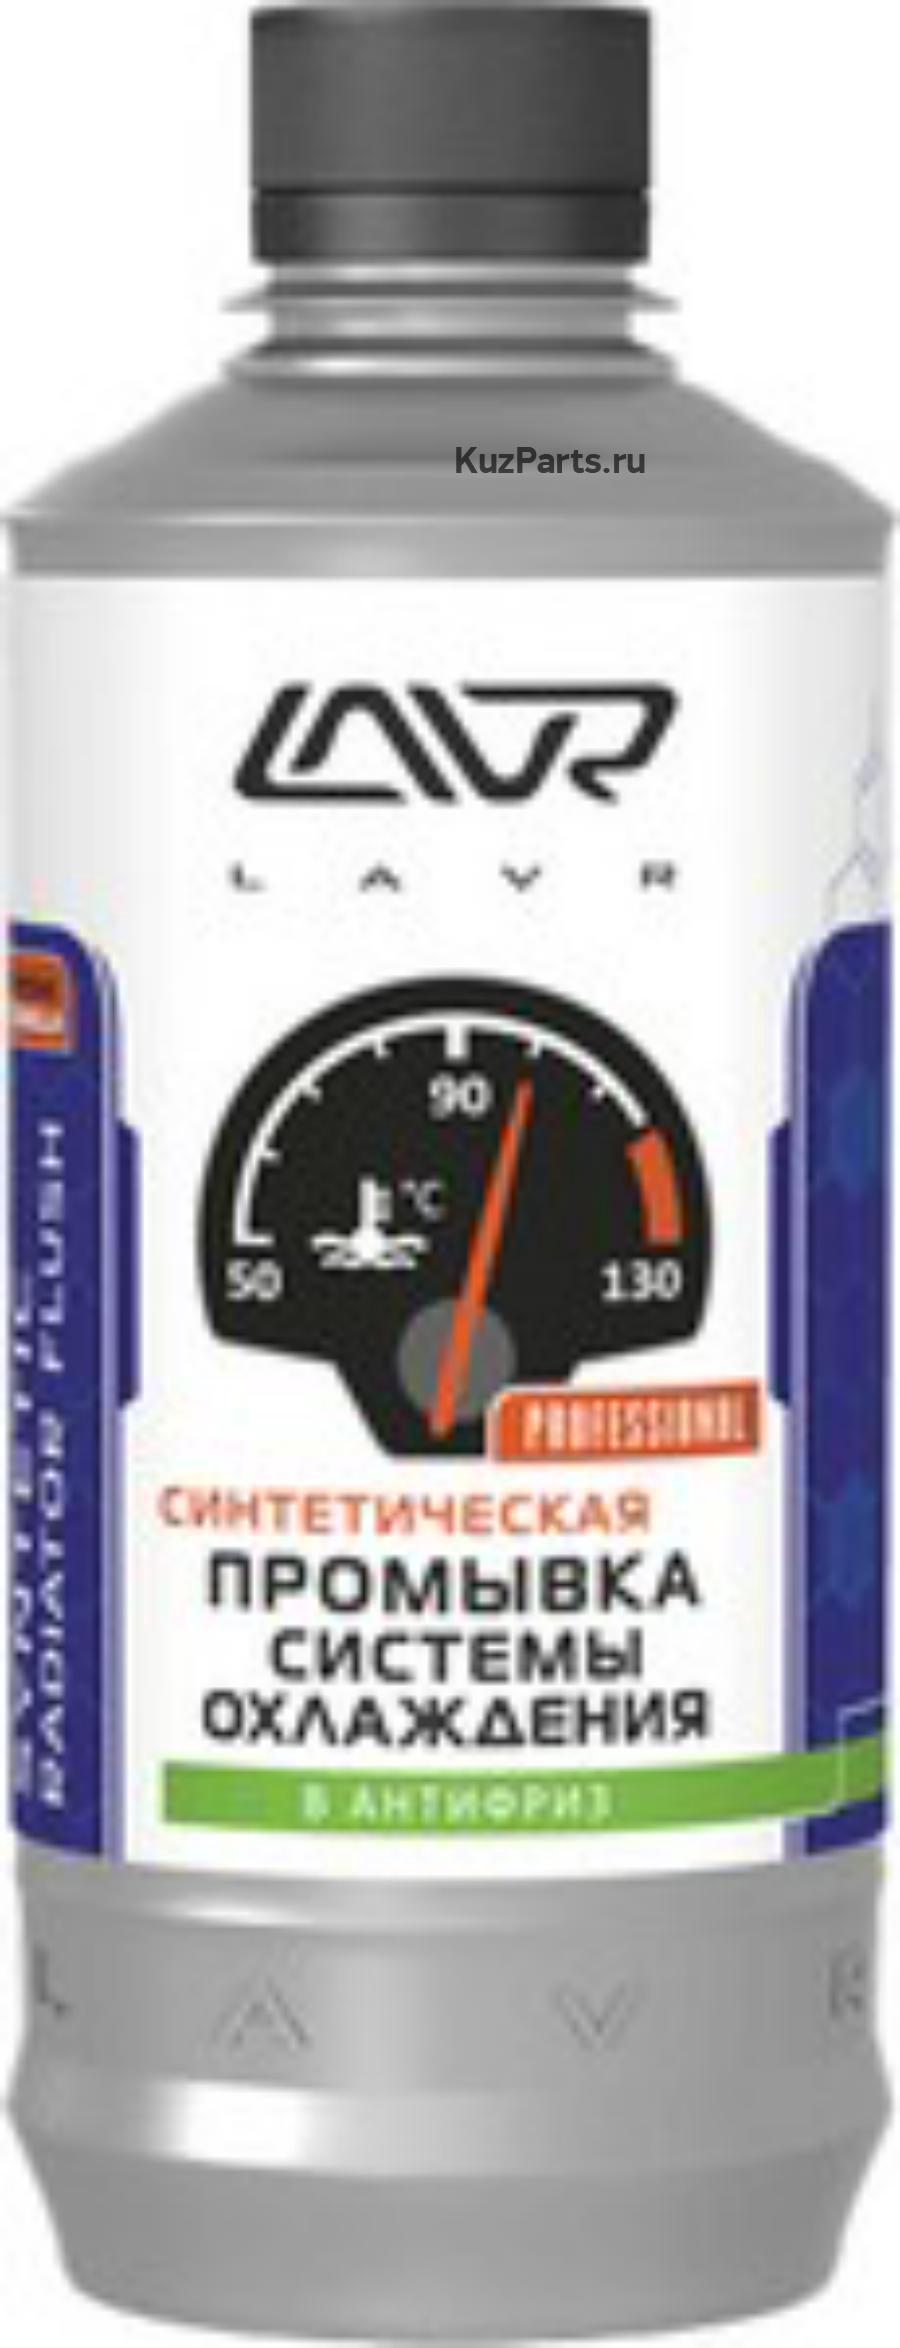 Промывка системы охлаждения Синтетическая добавка в антифриз LAVR Syntetic radiator flush 430мл